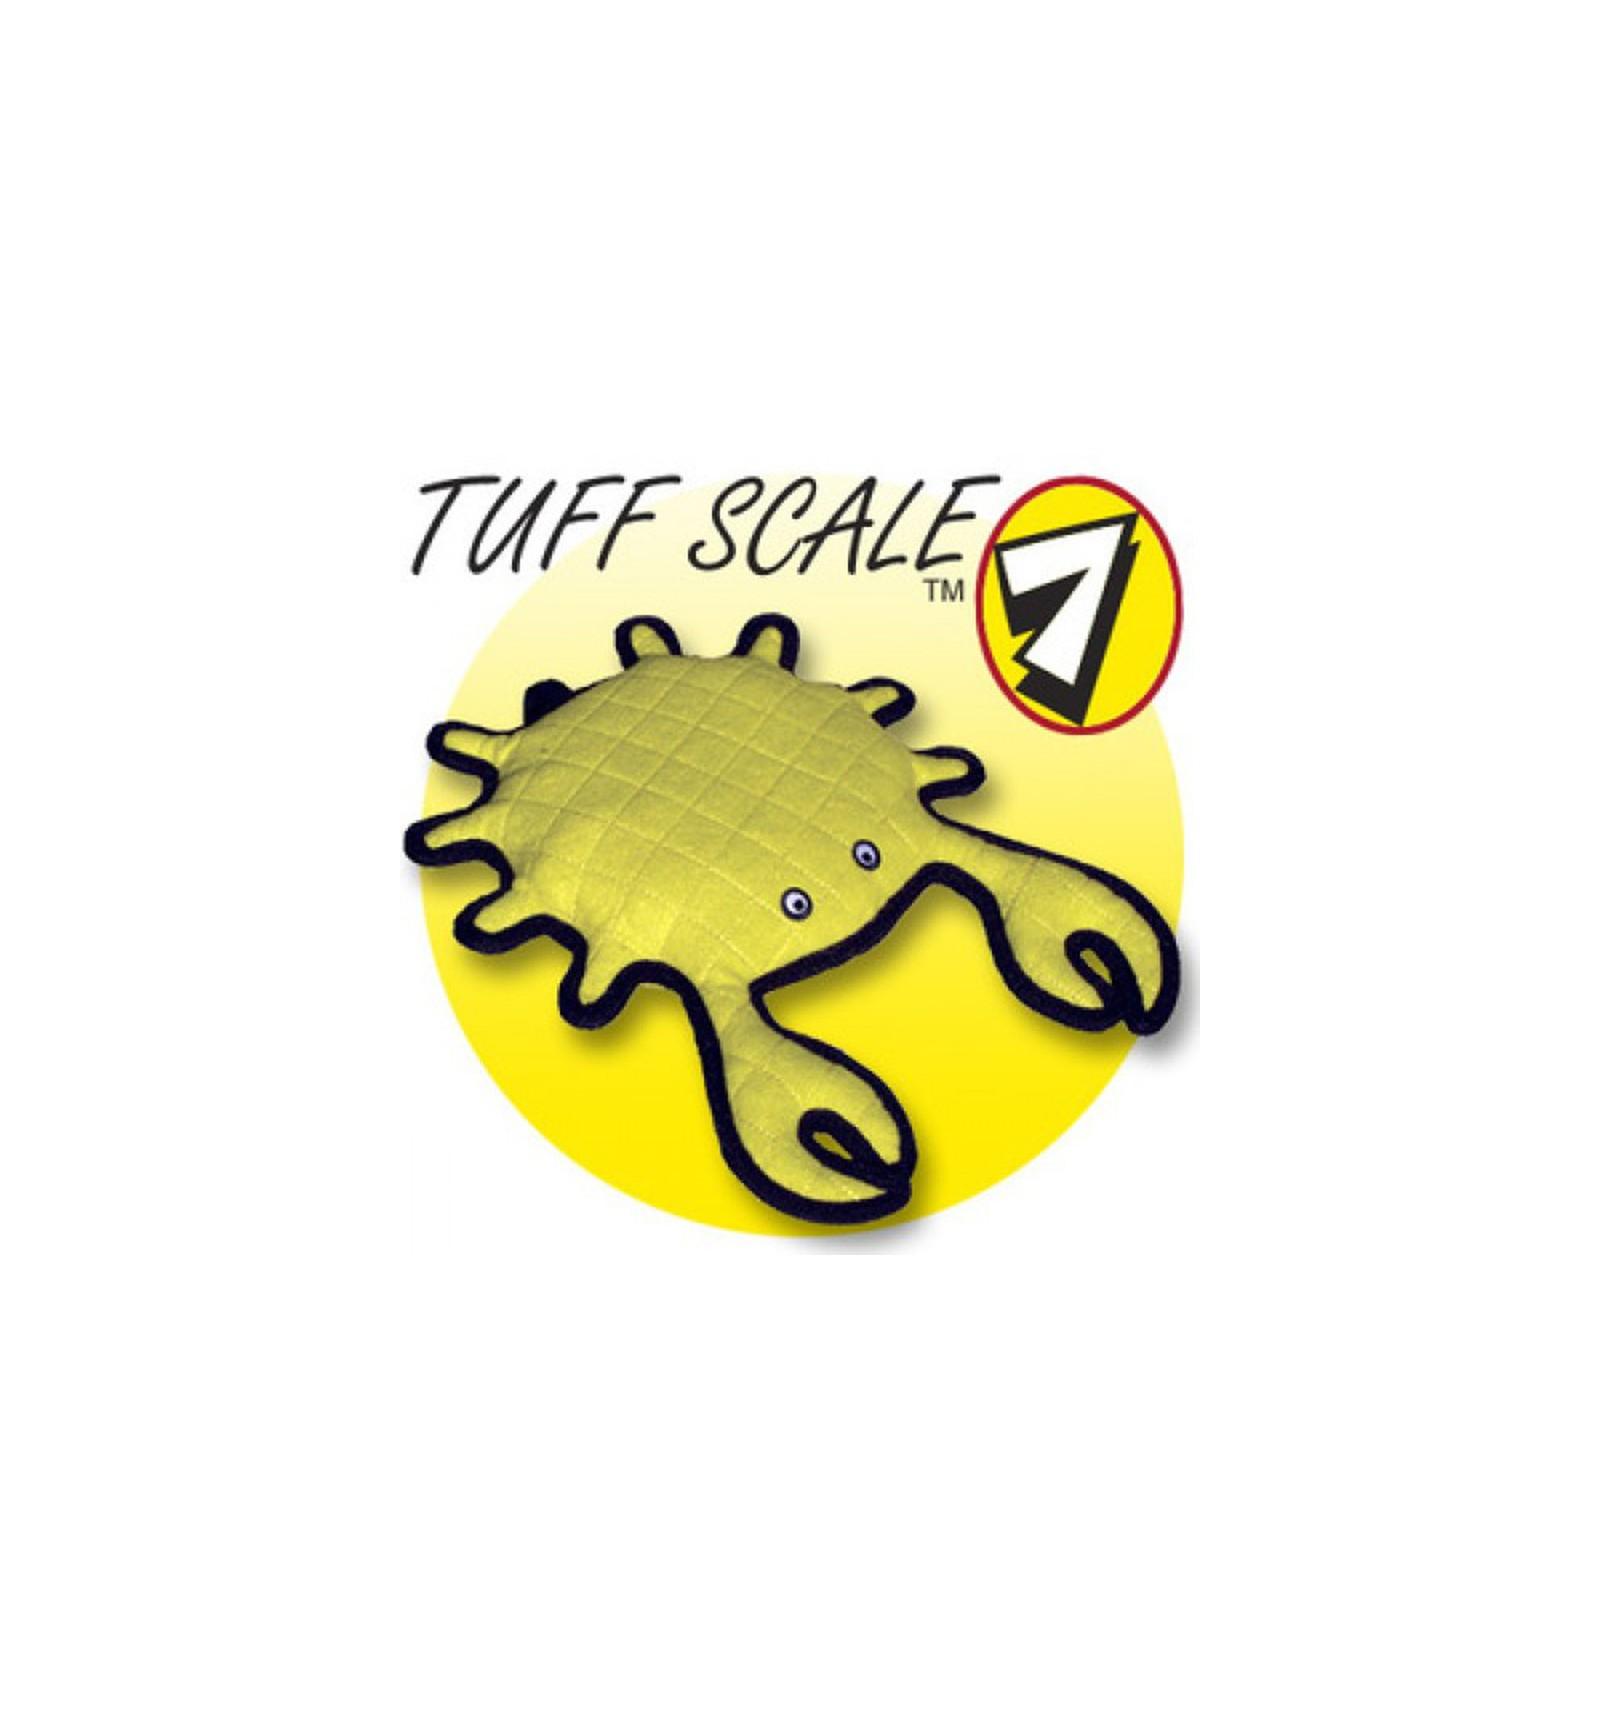 TUFFY OCEAN CREATURE CRAB - GRANCHIO